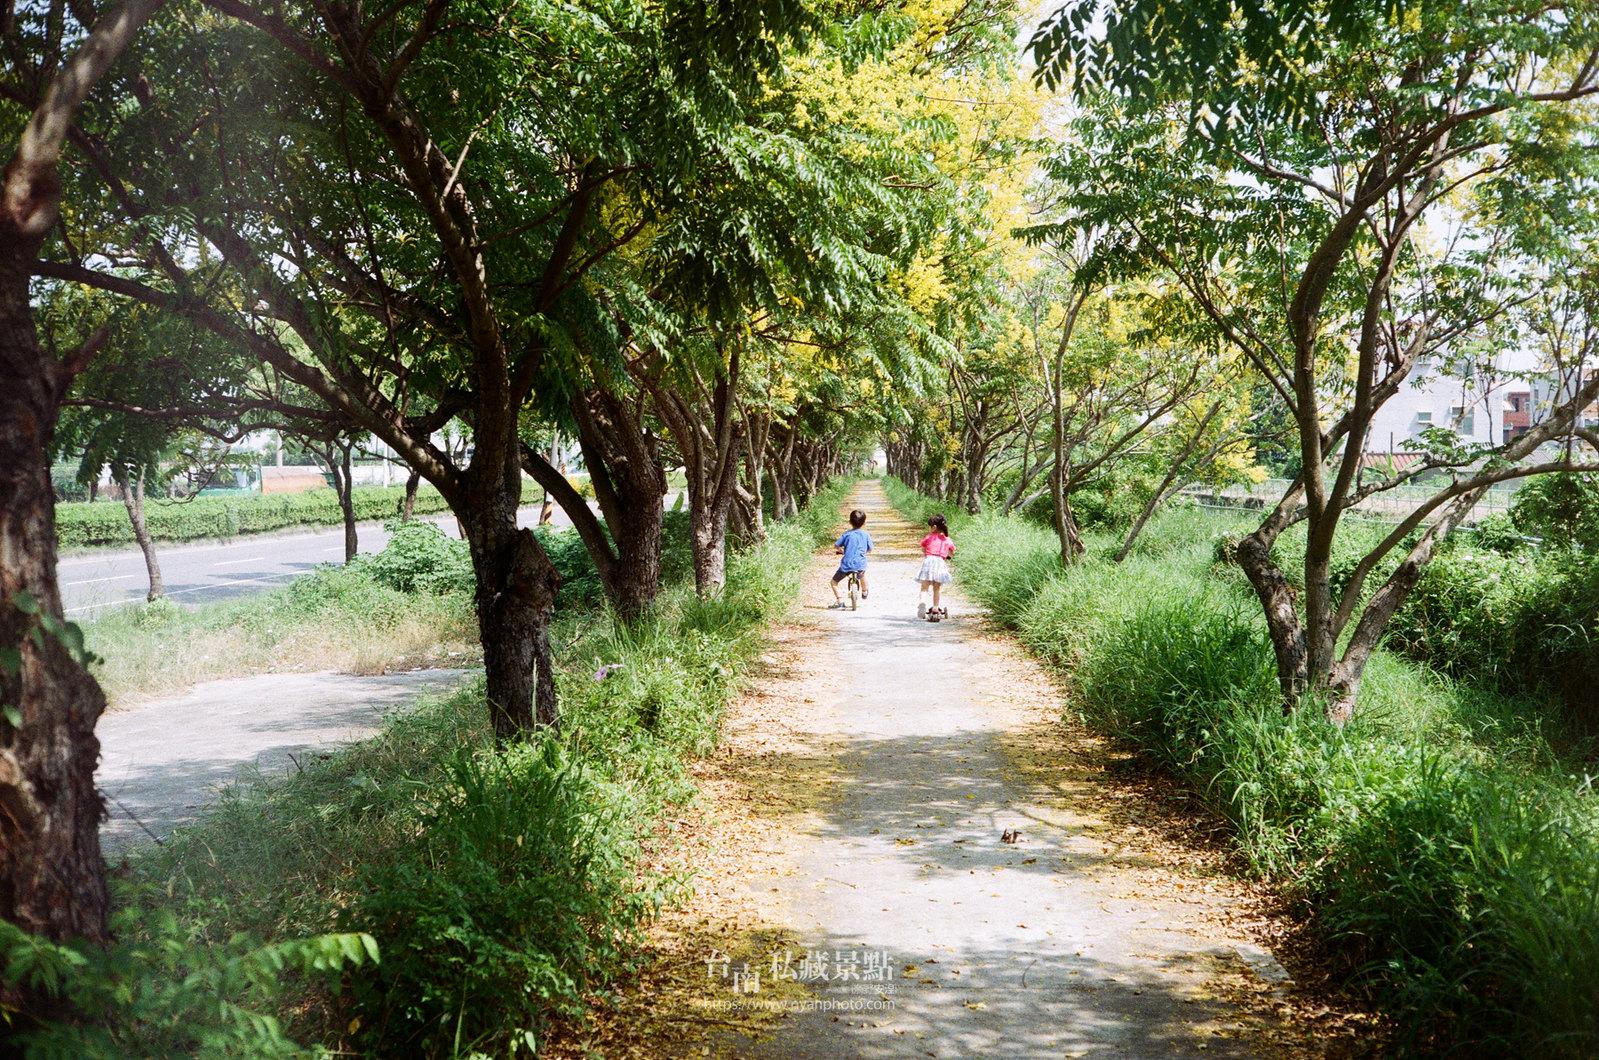 台南台灣欒樹16